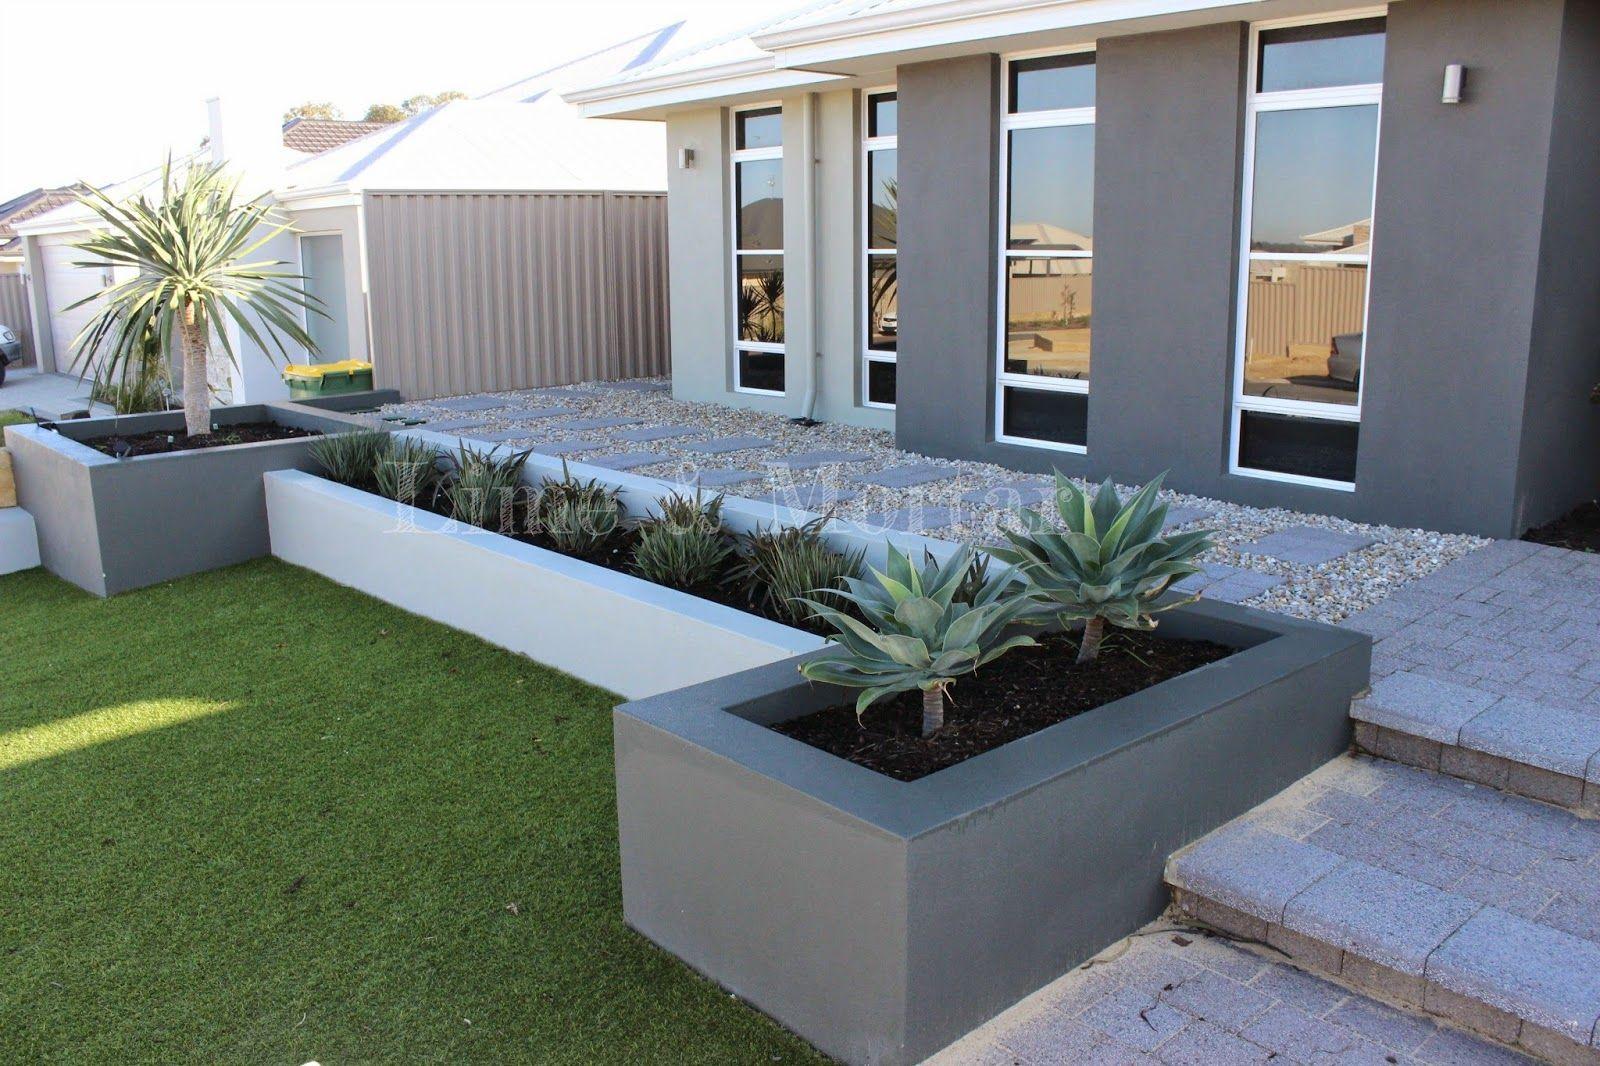 Lime Mortar Minimal Maintenance Frontage Modern Front Yard House Landscape Front Yard Design